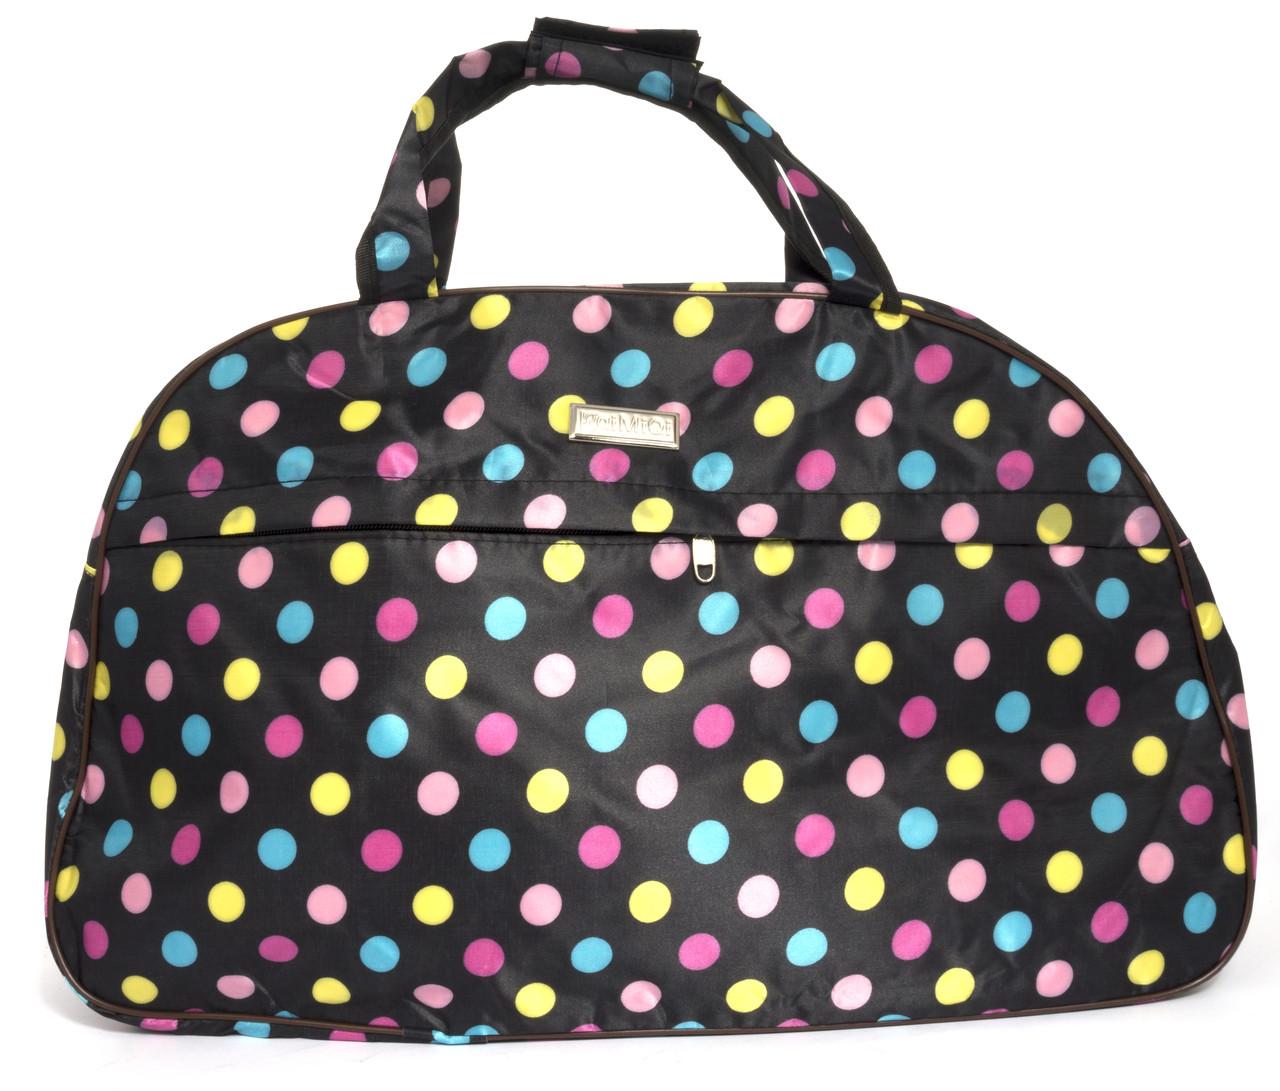 Стильна яскрава дорожня сумка саквояж art. 03-10 (103500) чорний з кольоровими кульками